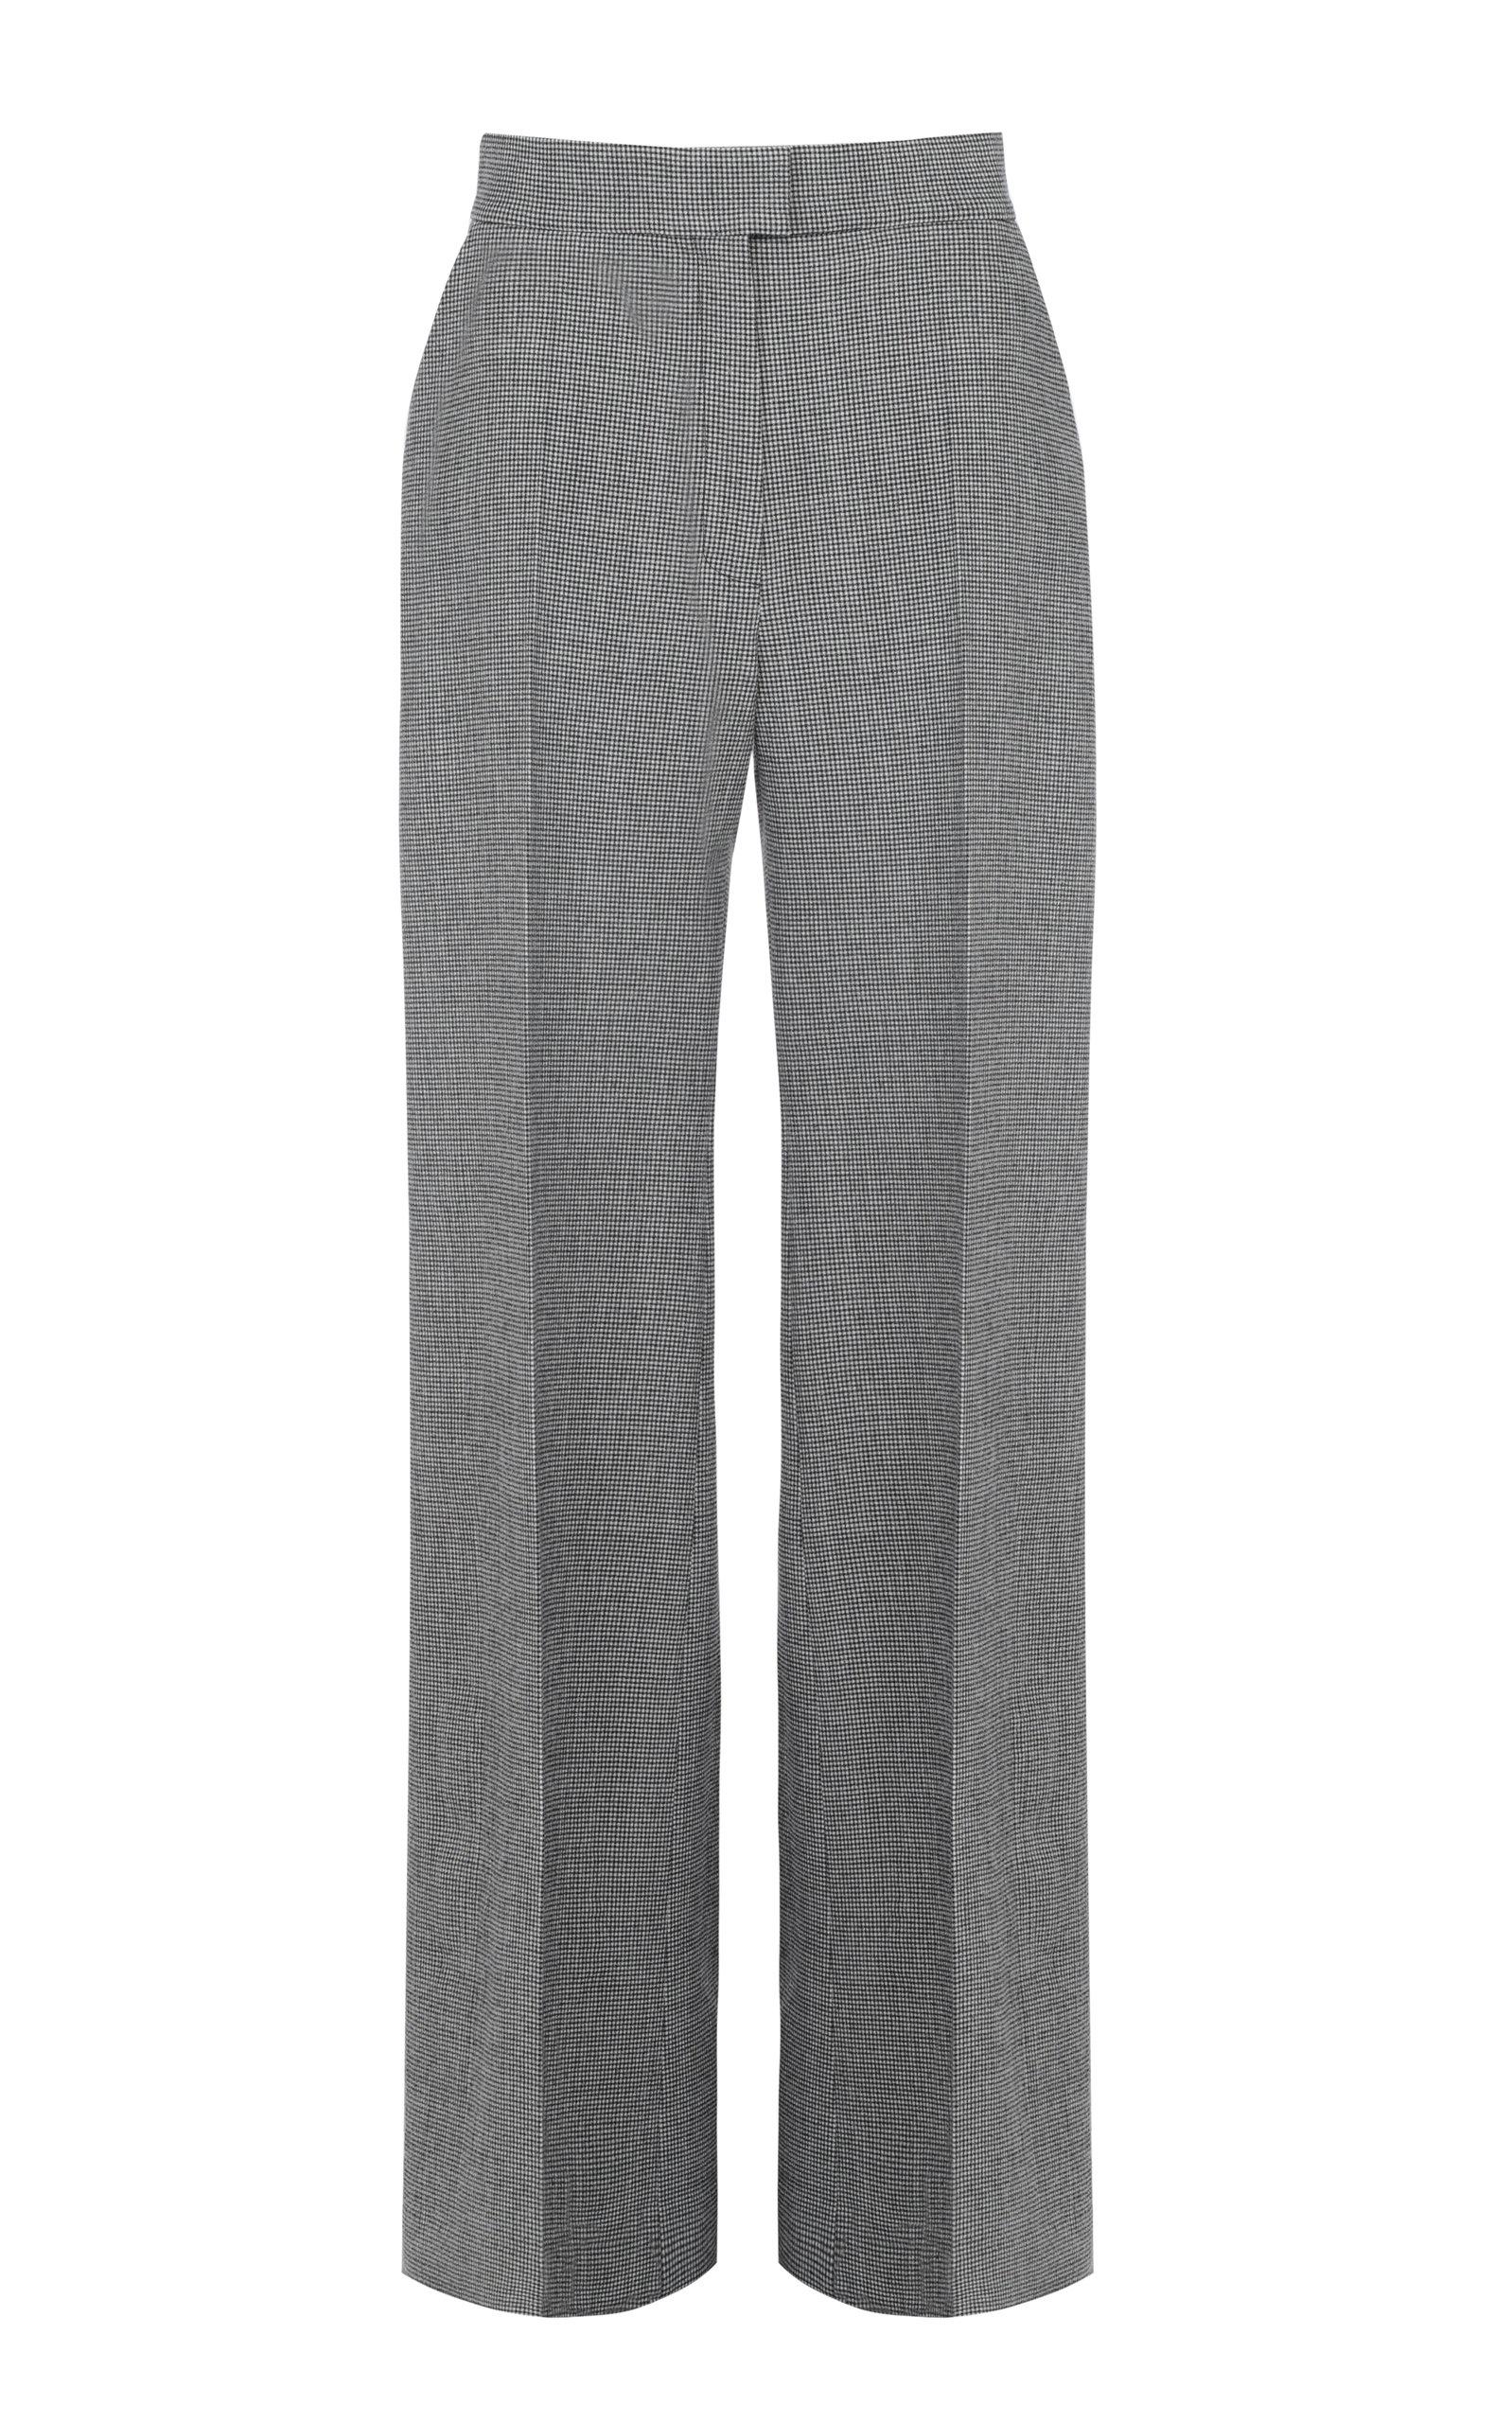 Women's Printed High-Waist Wide-Leg Virgin Wool-Blend Pants